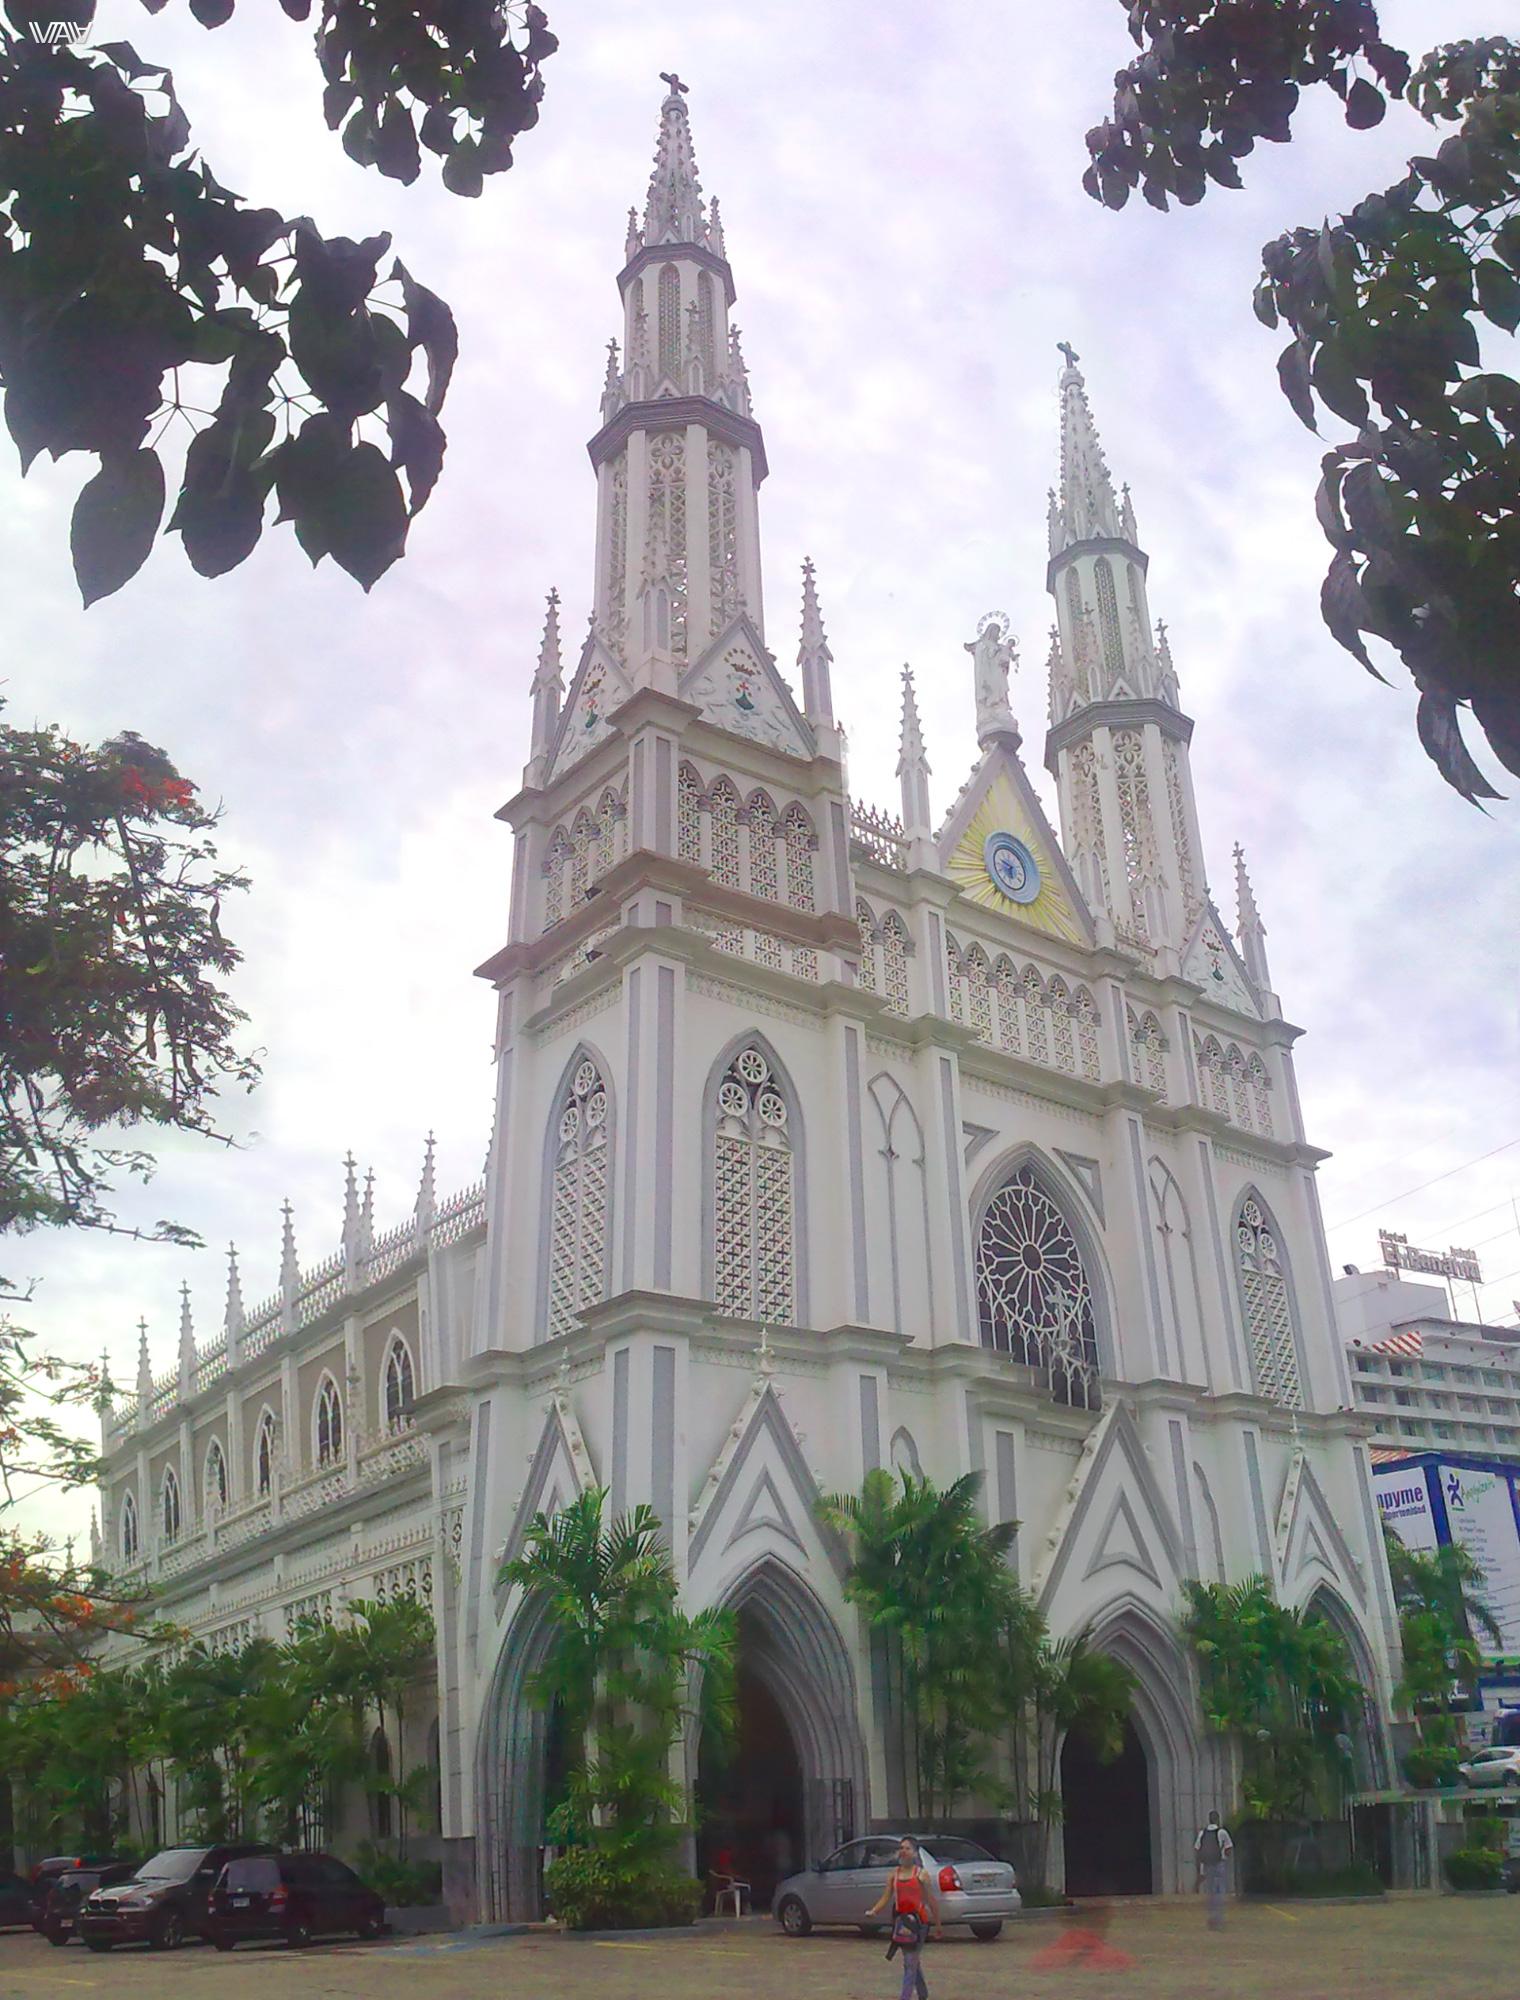 Иногда даже панорамная фотография не может передать всей величественности церкви. Как например, в случае с данным костелом в Панама Сити.